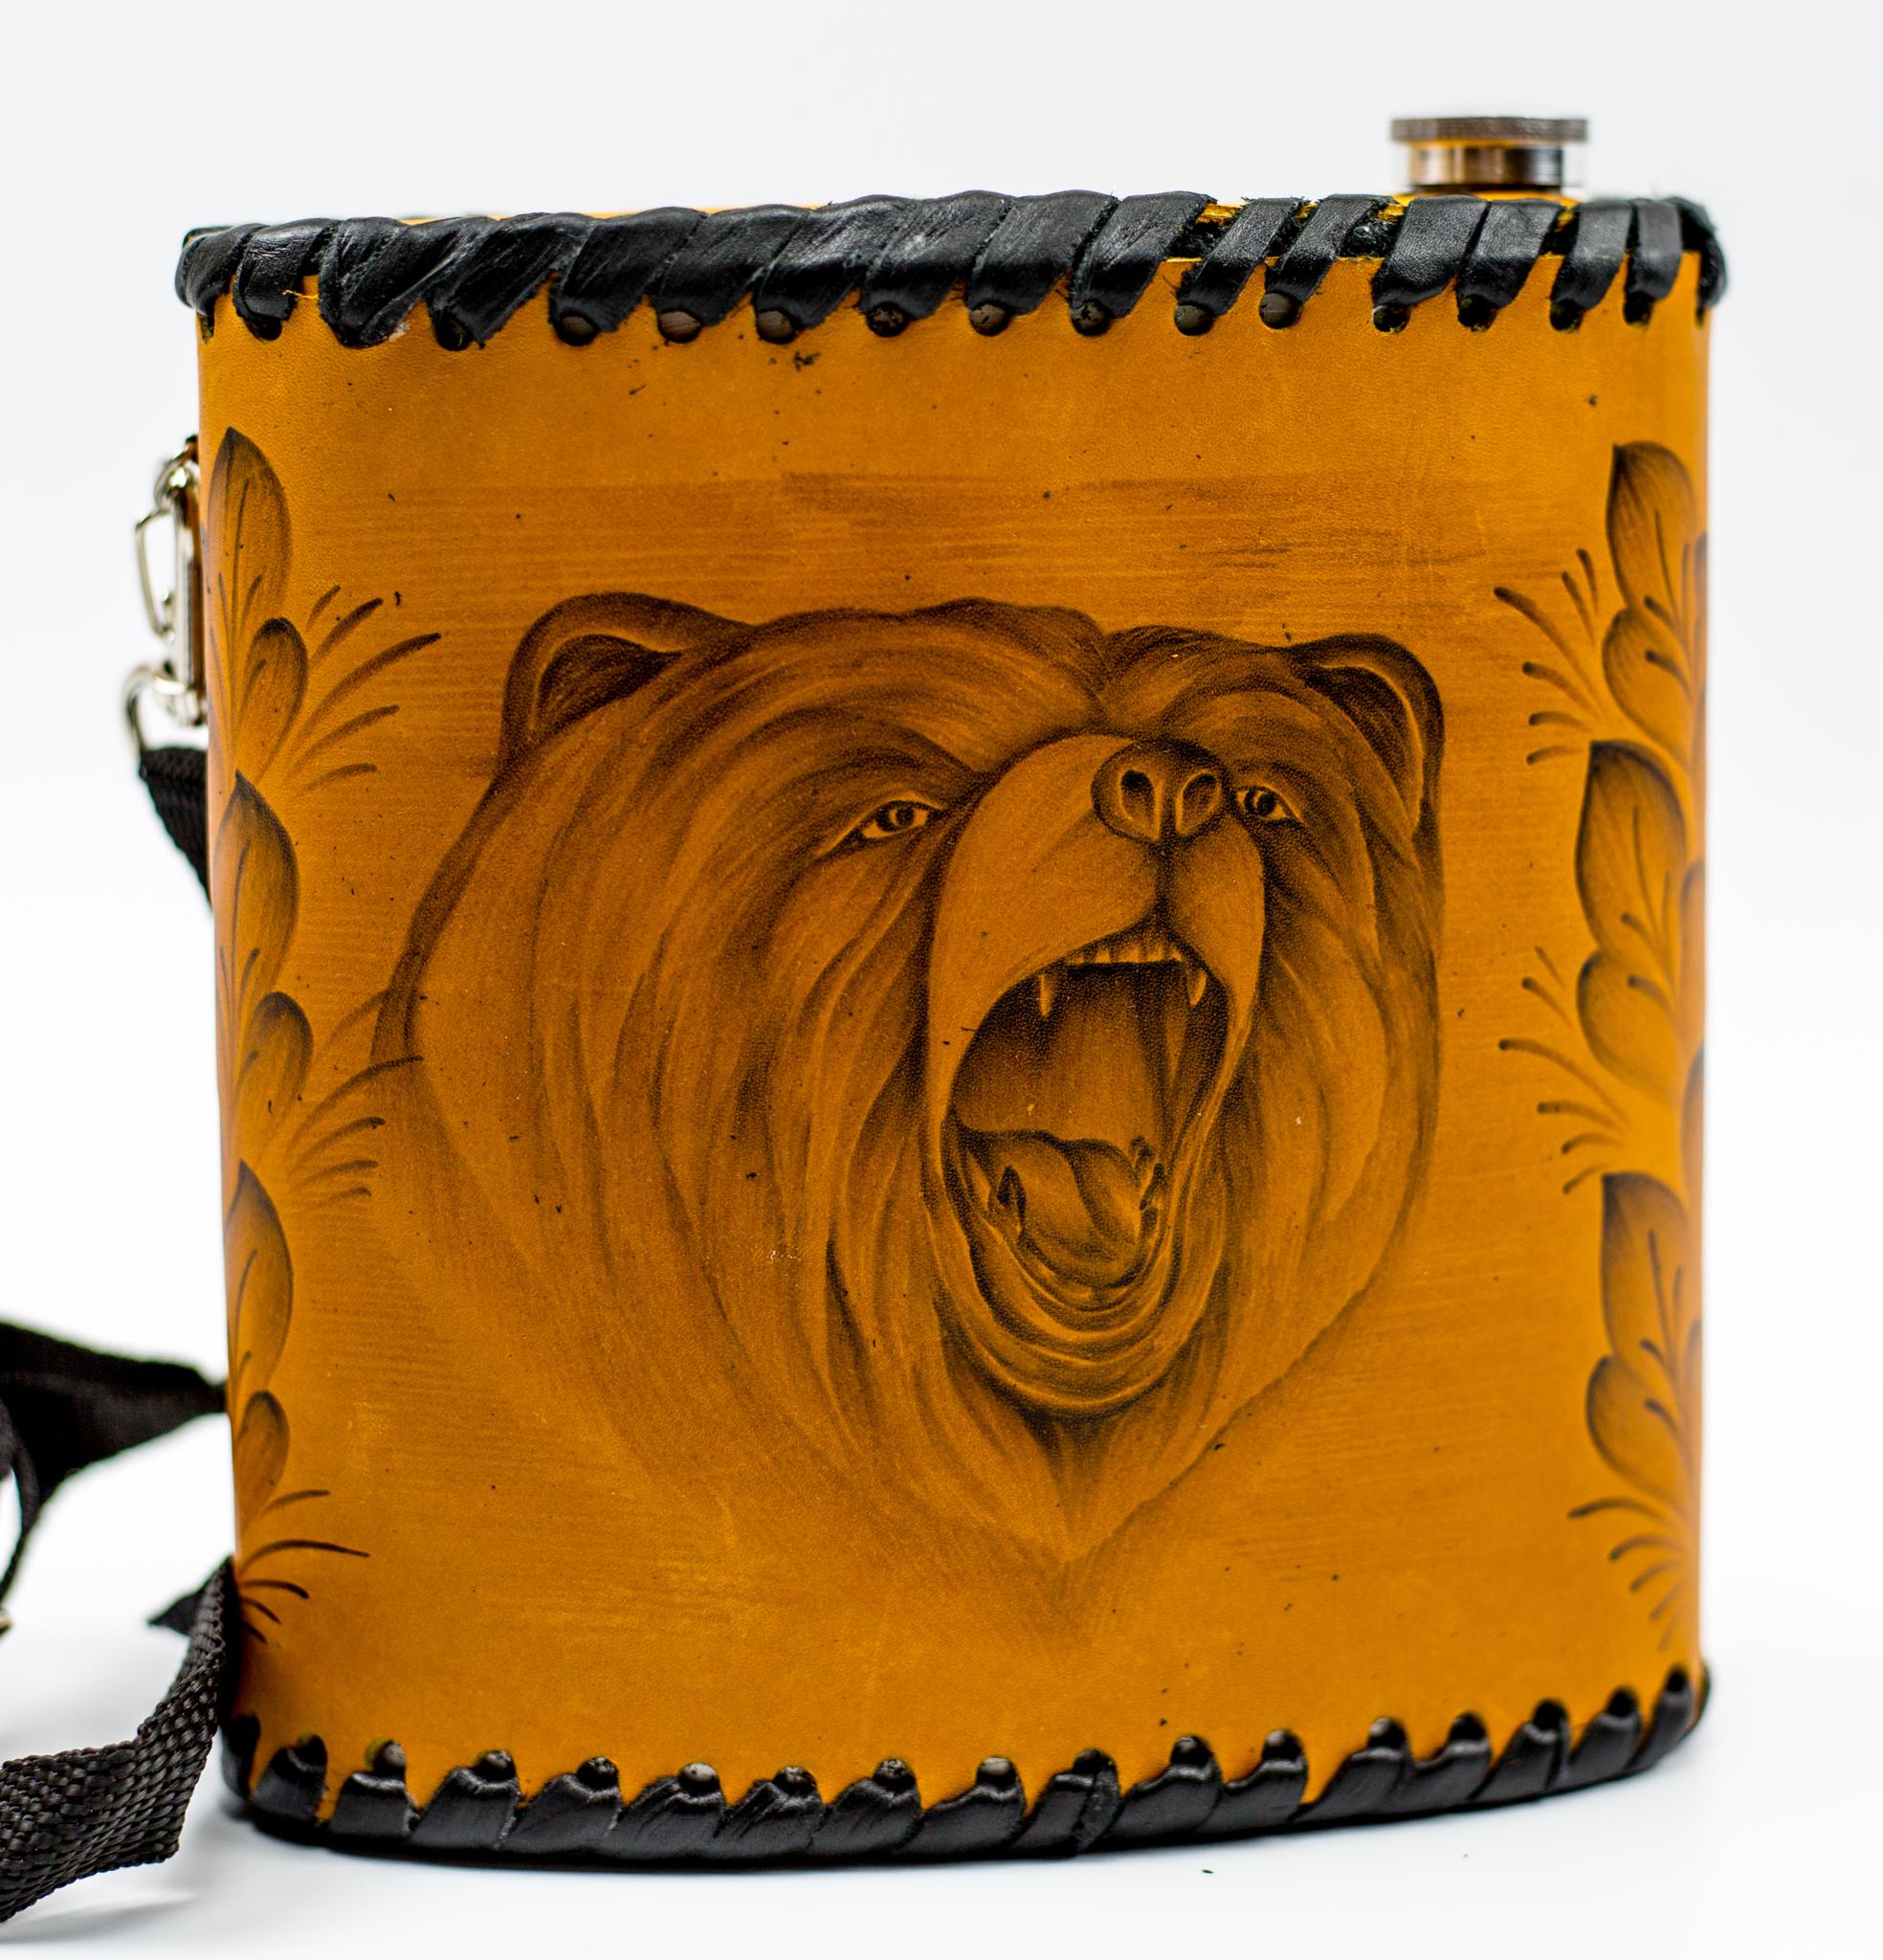 Фляга «Медведь», натуральная кожа с художественным выжиганием, 1 л фляга c оленем натуральная кожа 900 мл